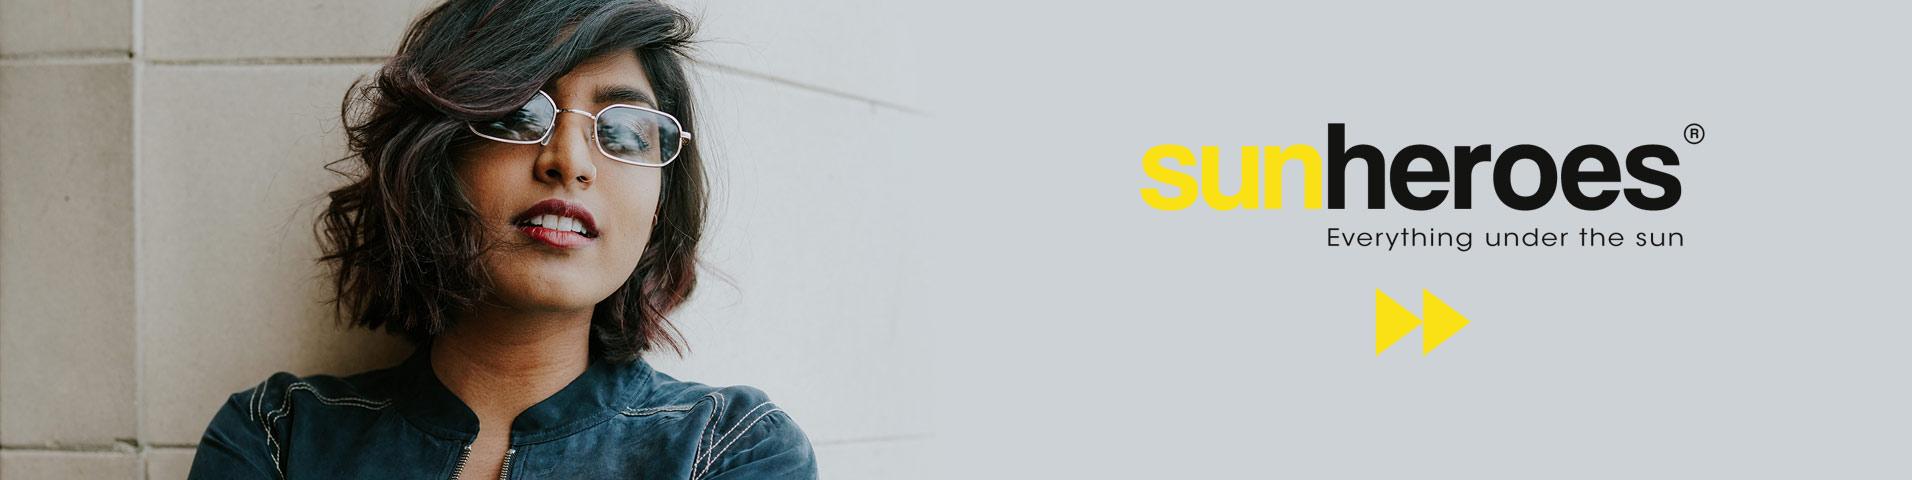 Moda damska Sunheroes w promocji | Tanie buty, ubrania i